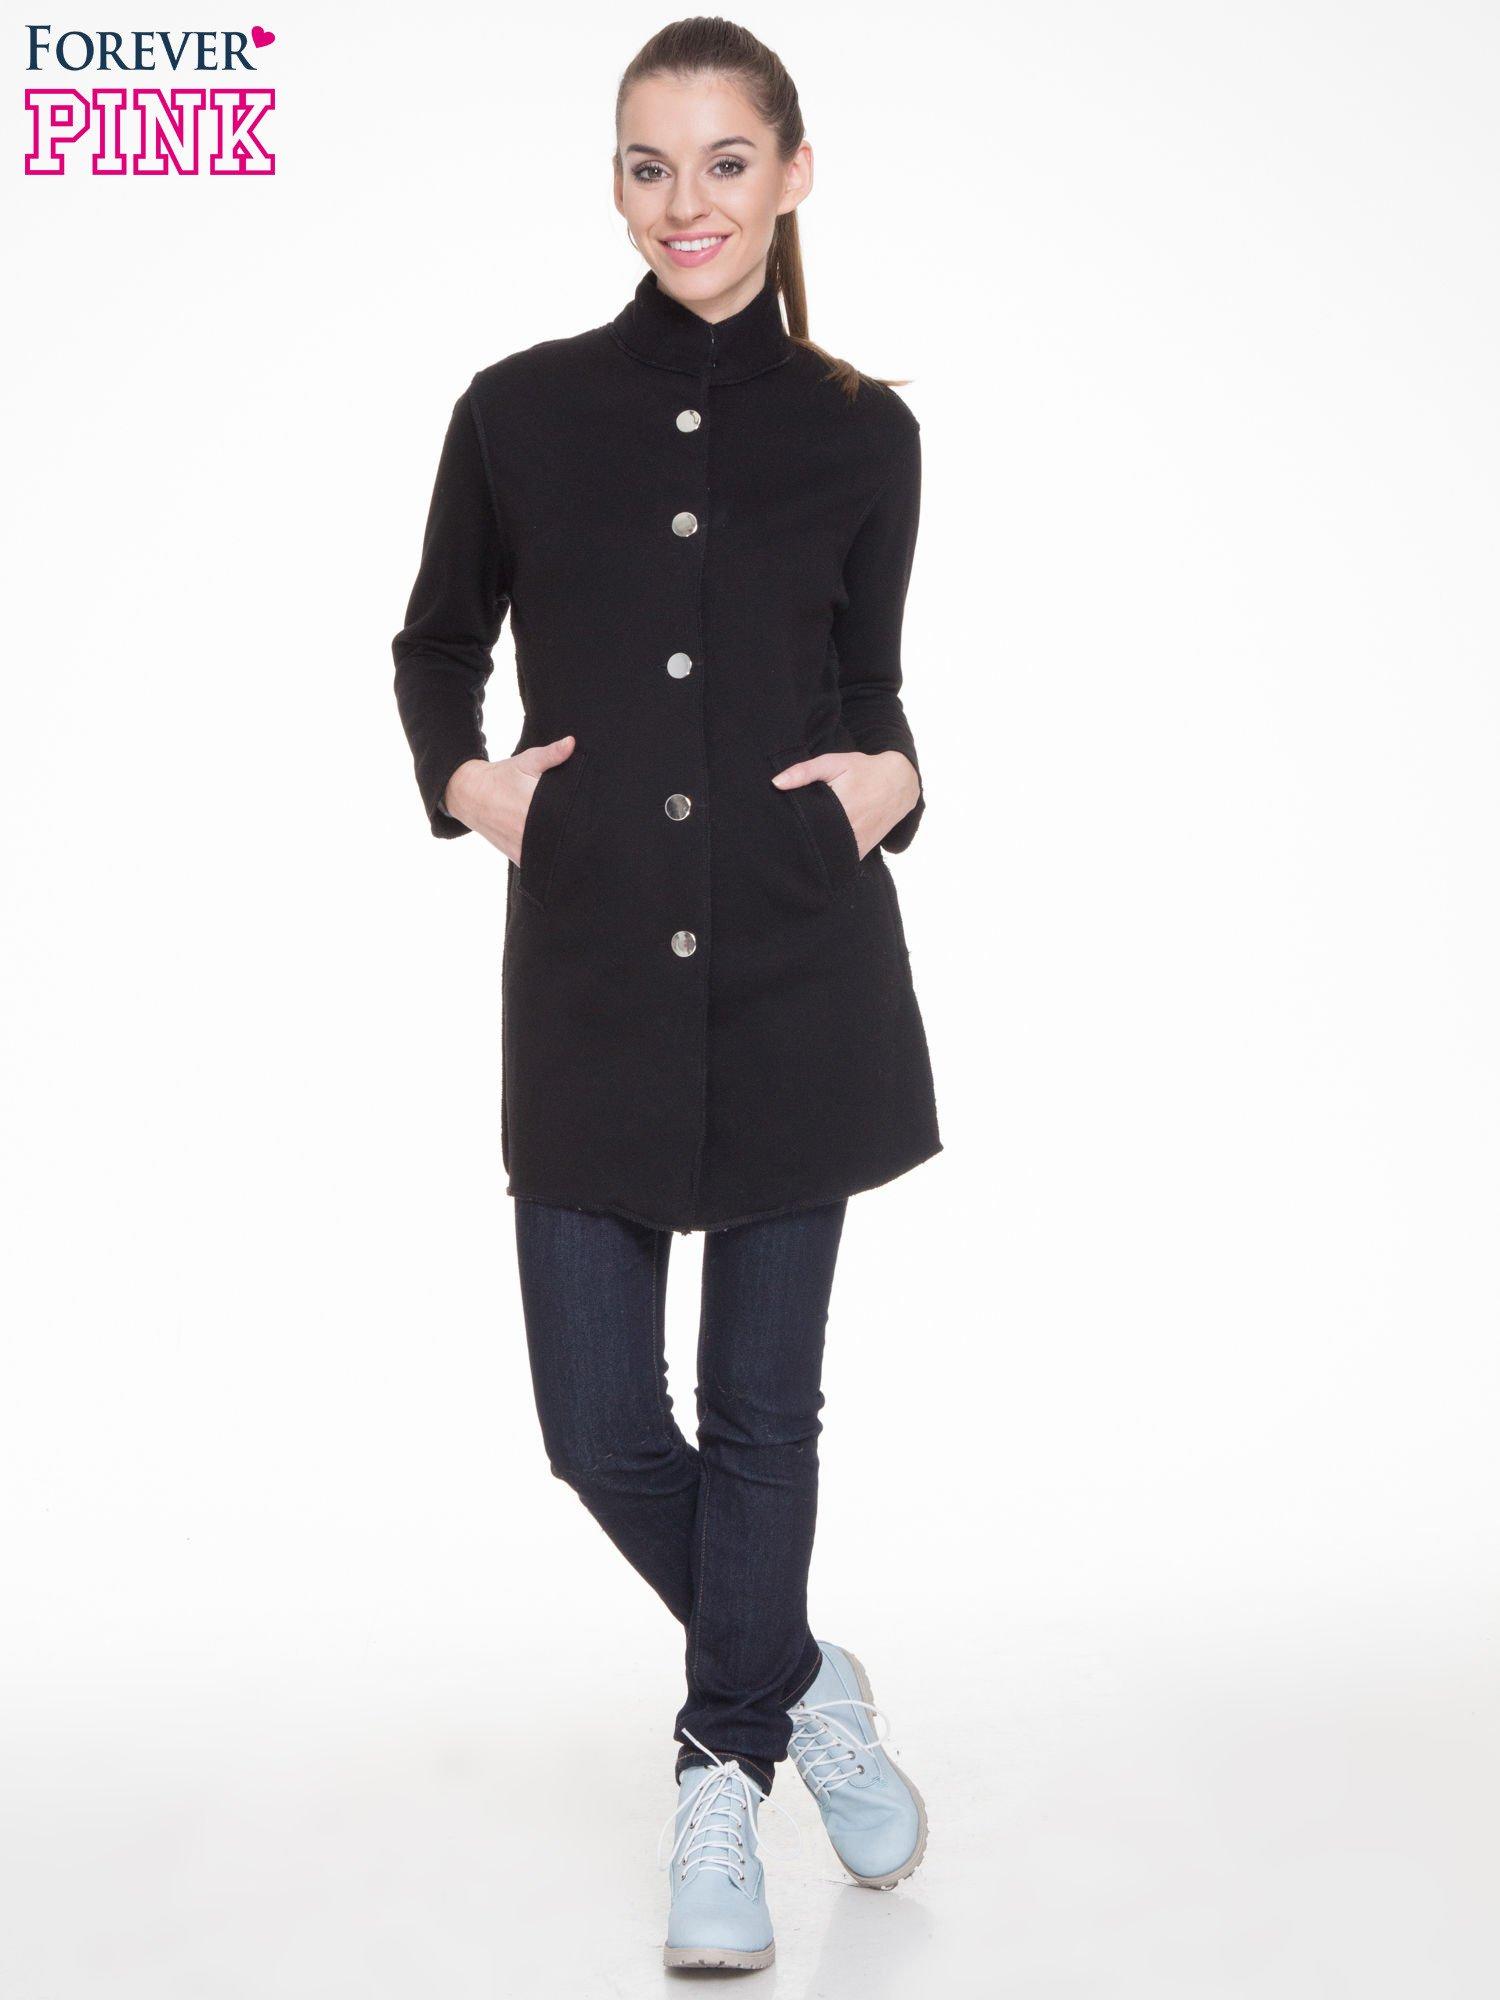 Czarny dresowy płaszcz o kroju oversize                                  zdj.                                  2